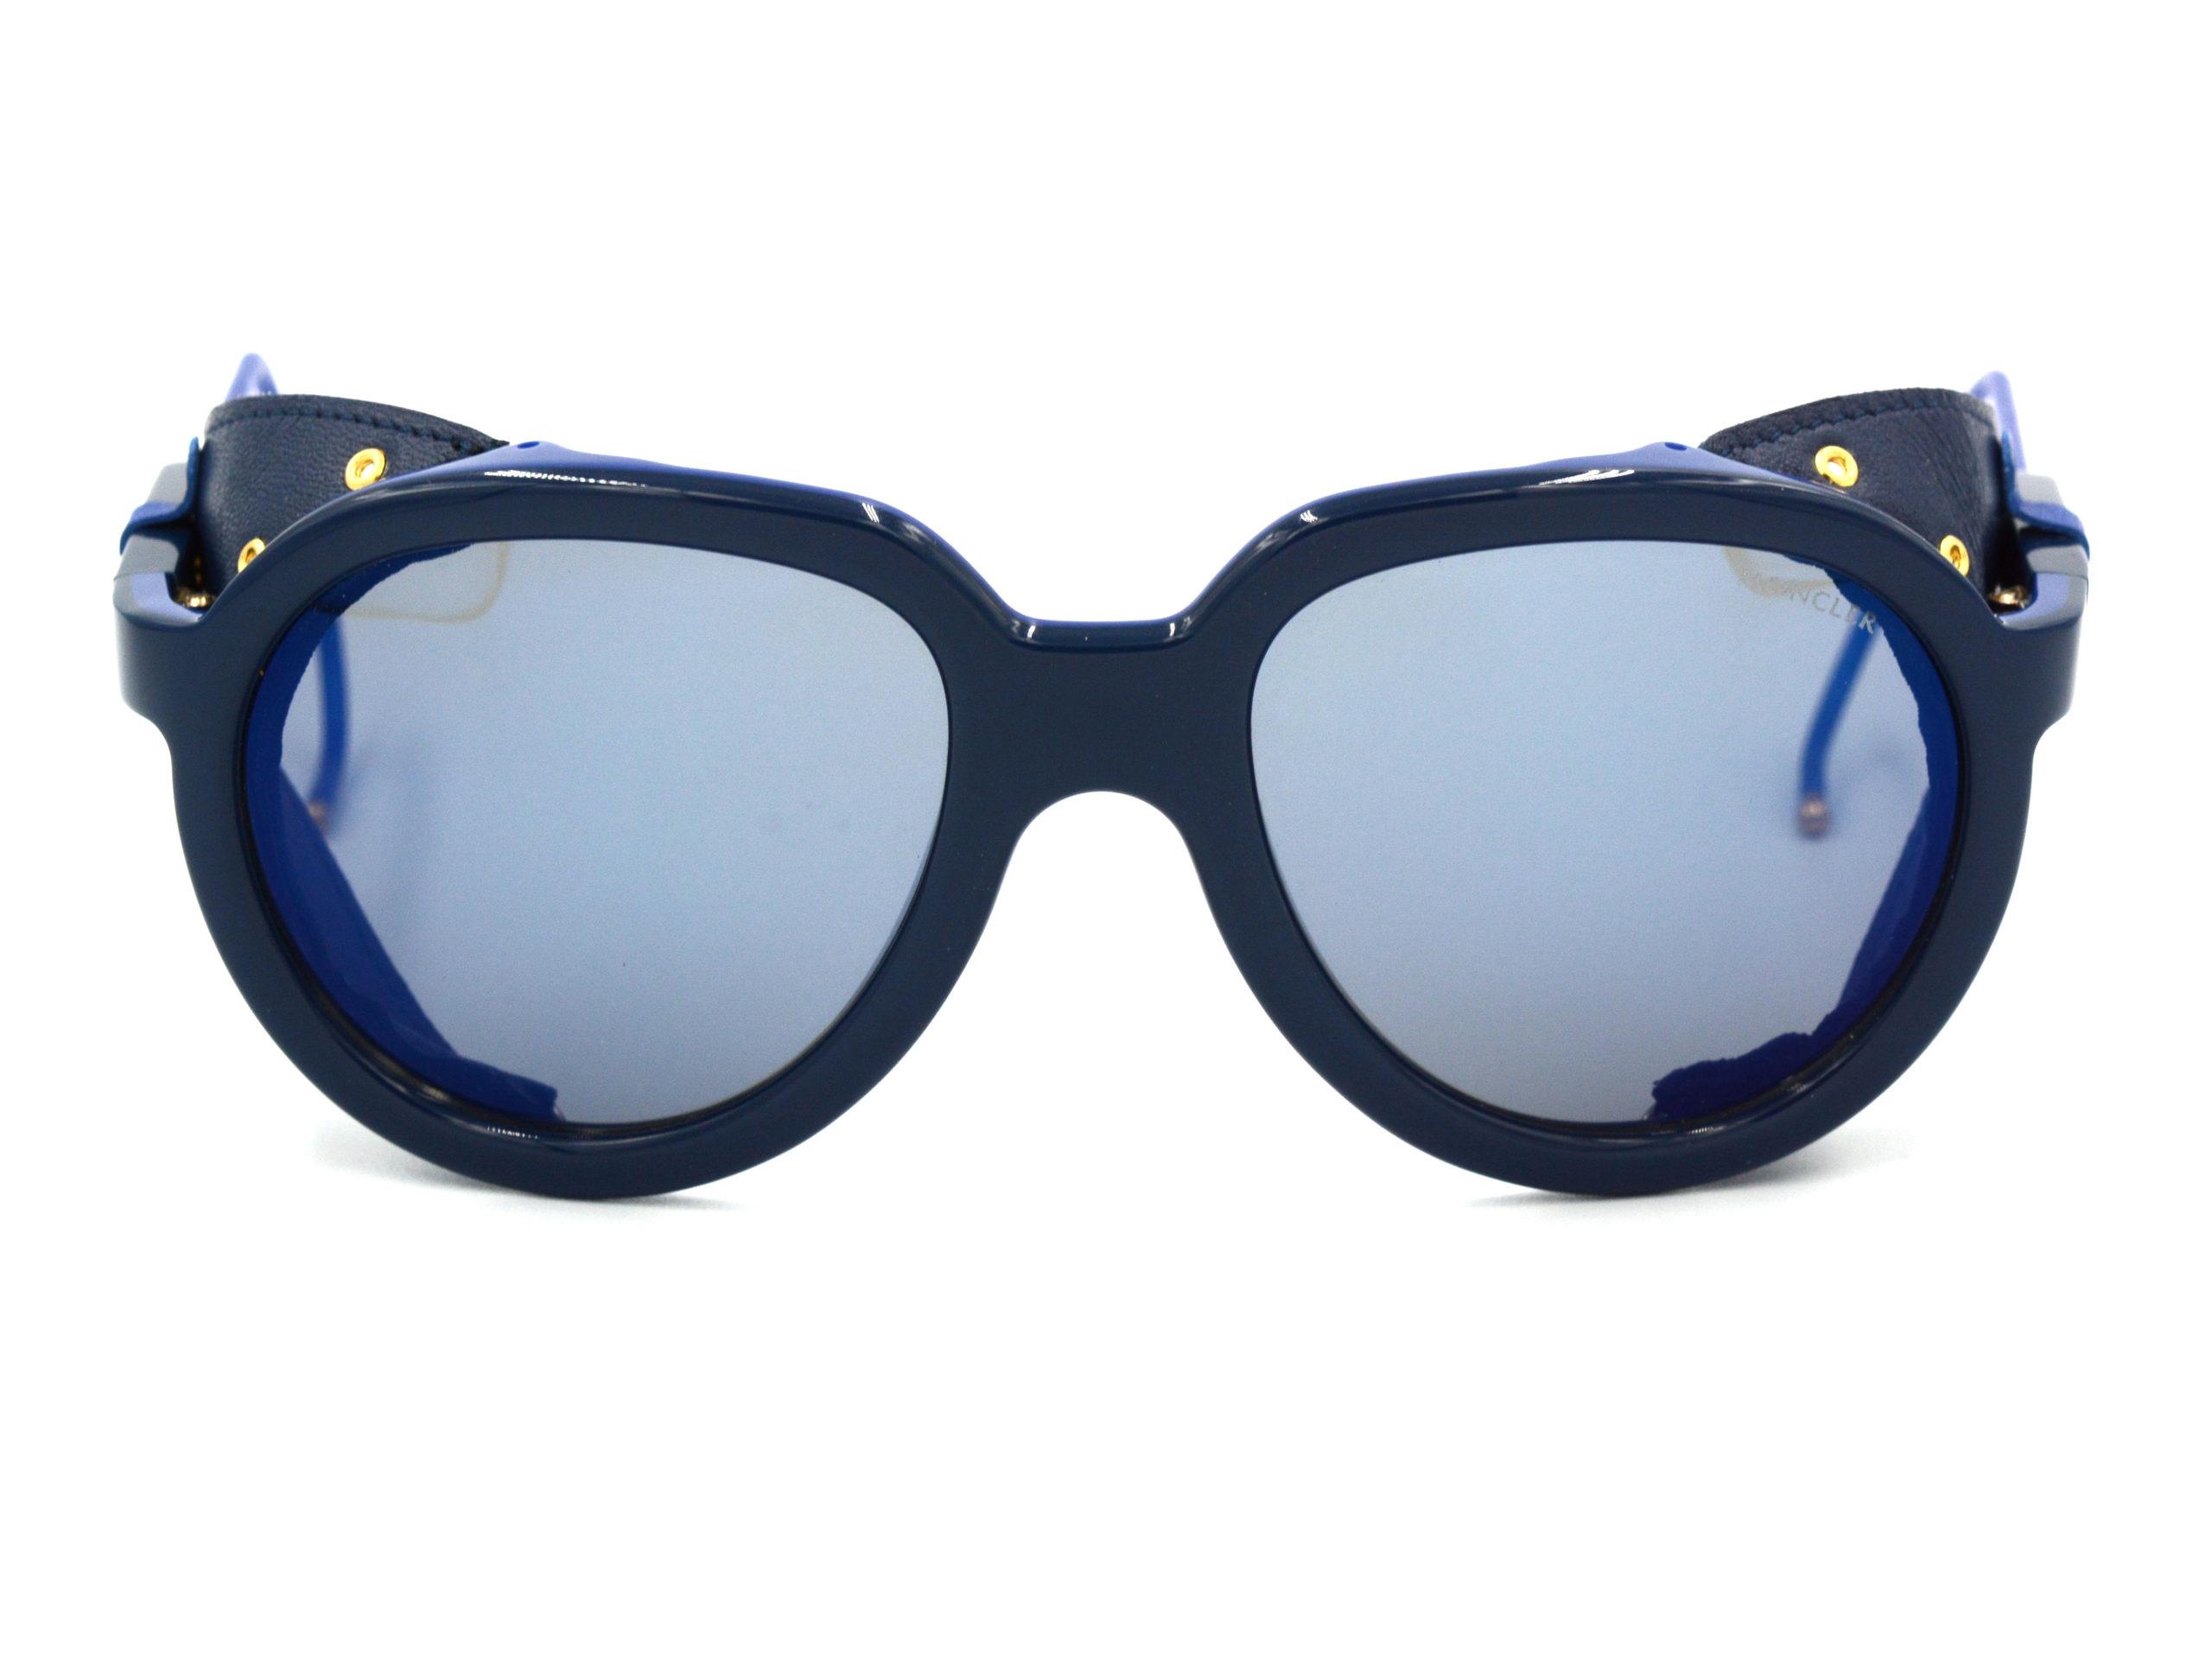 Γυαλιά ηλίου MONCLER ML0003 92X 55-20-155 Πειραιάς